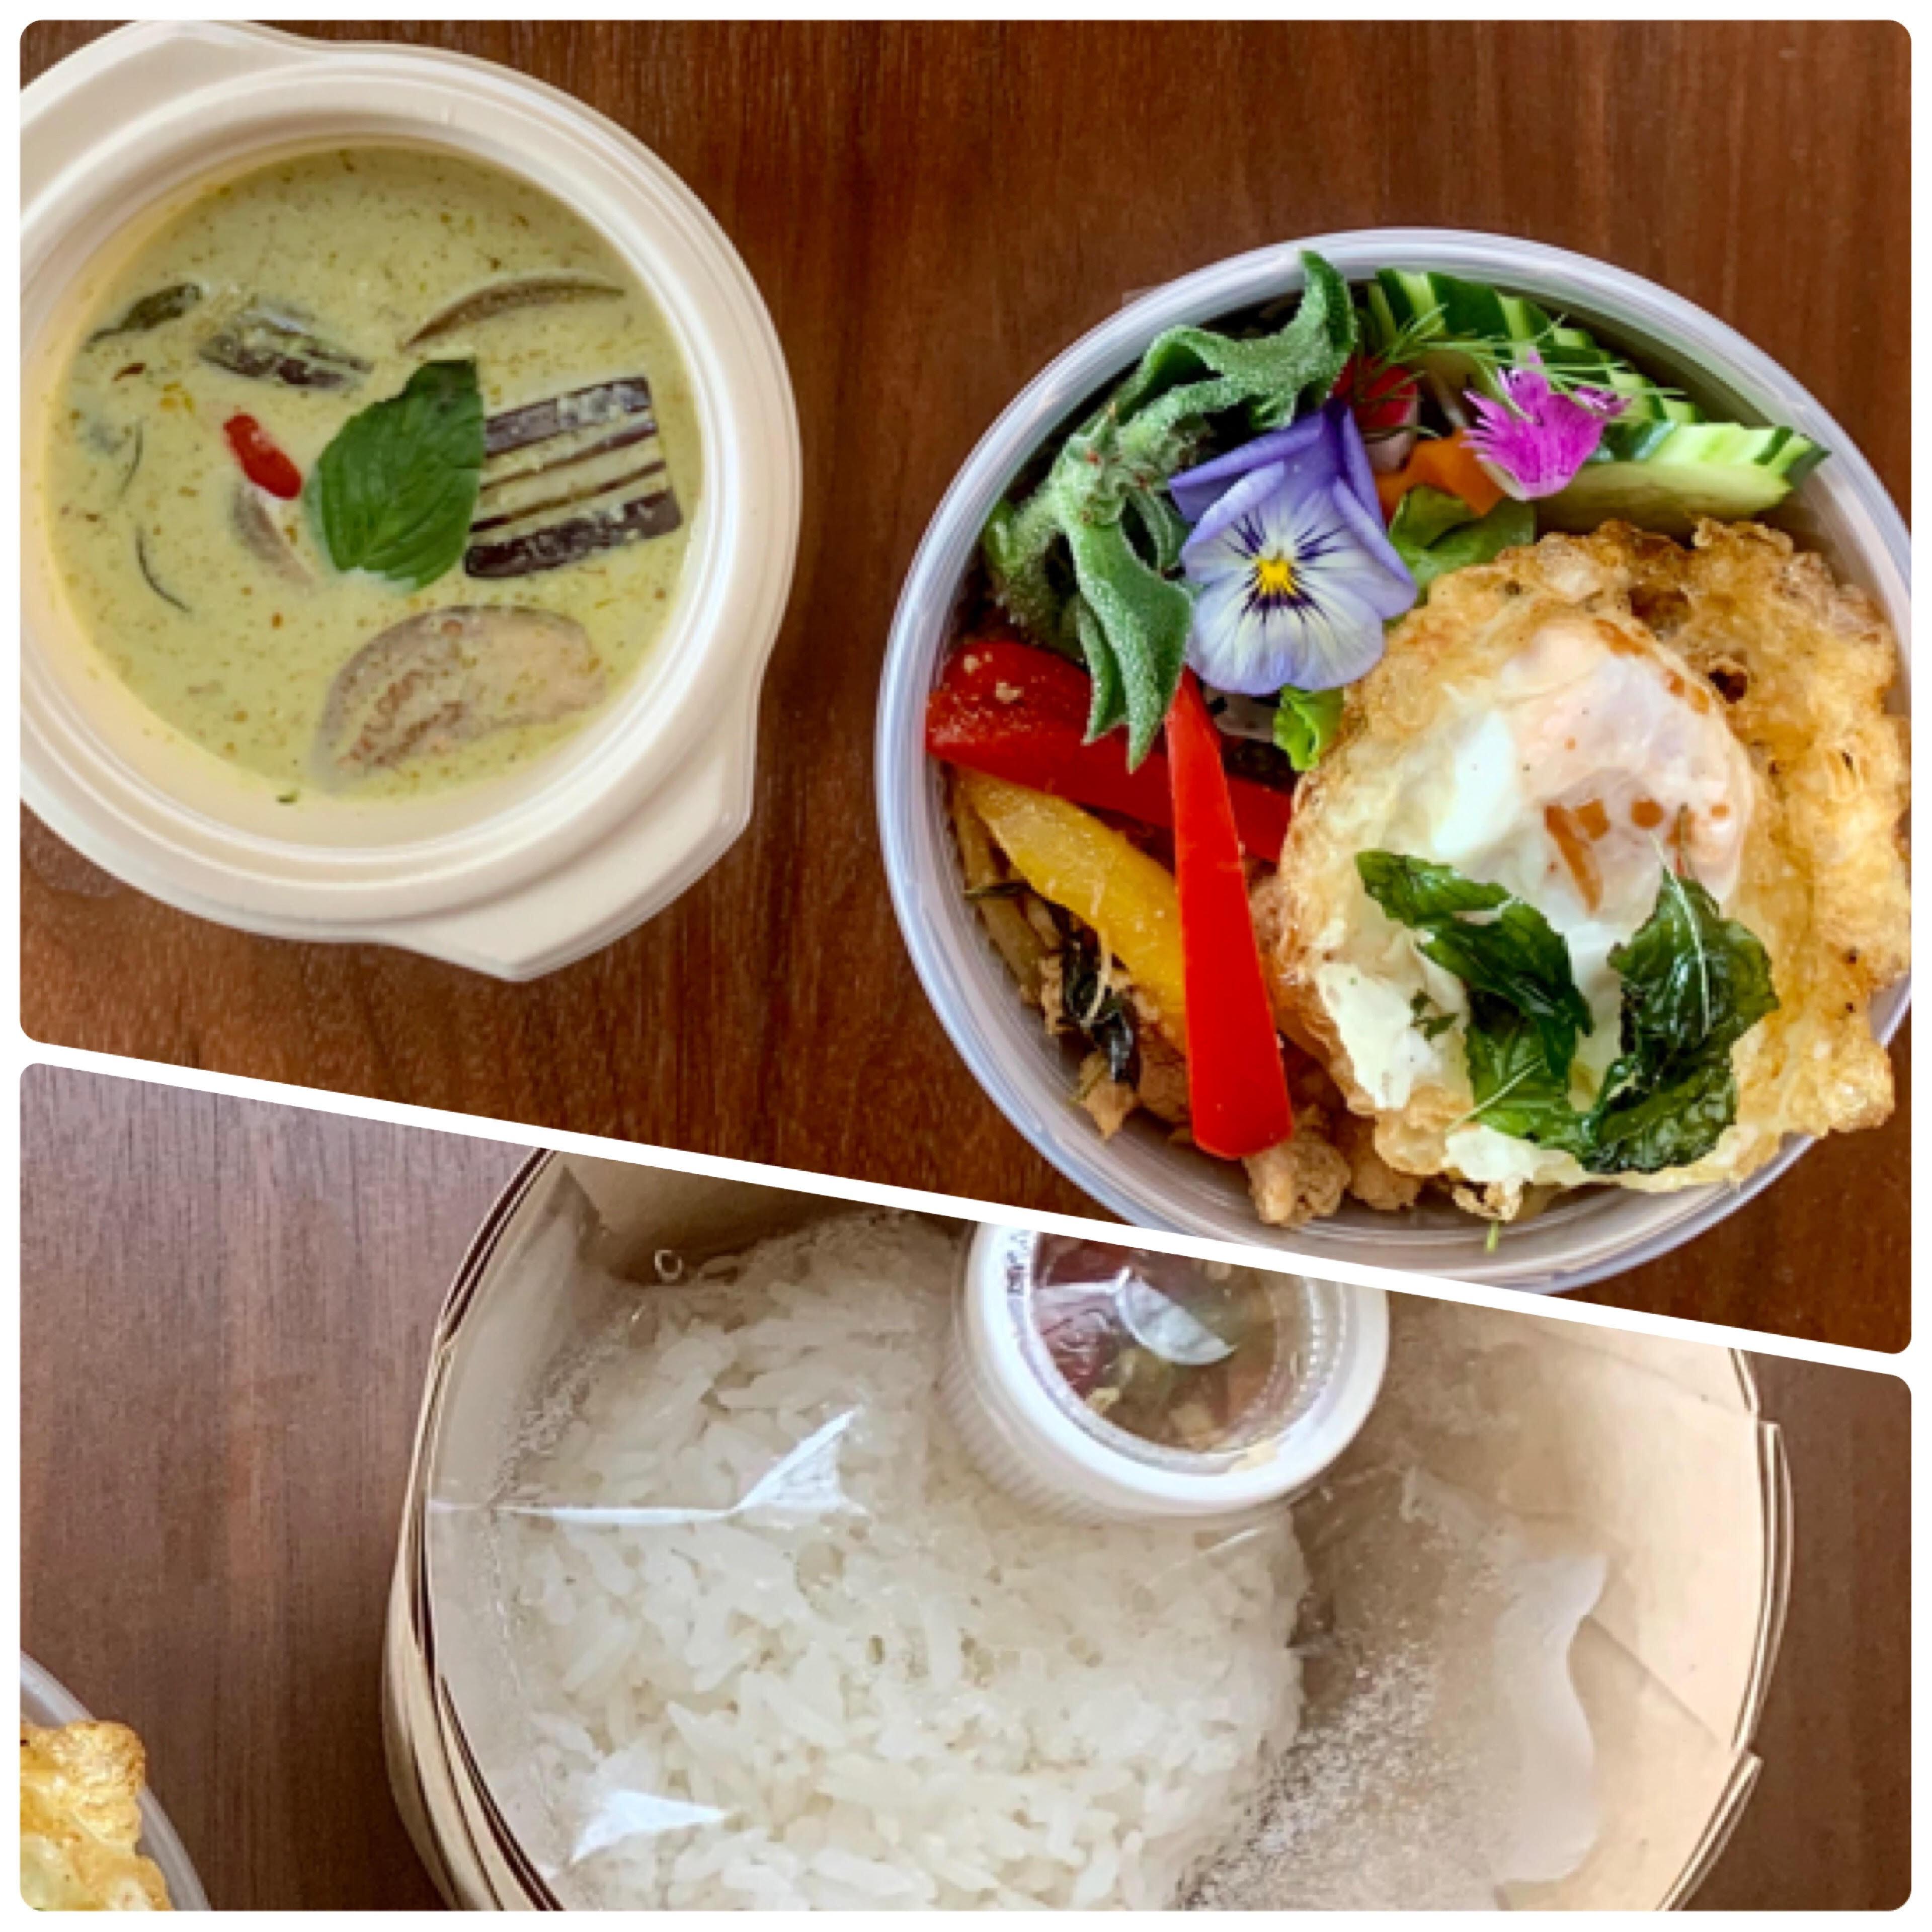 淡路島産地鶏のガパオライスと1/2特製グリーンカレー